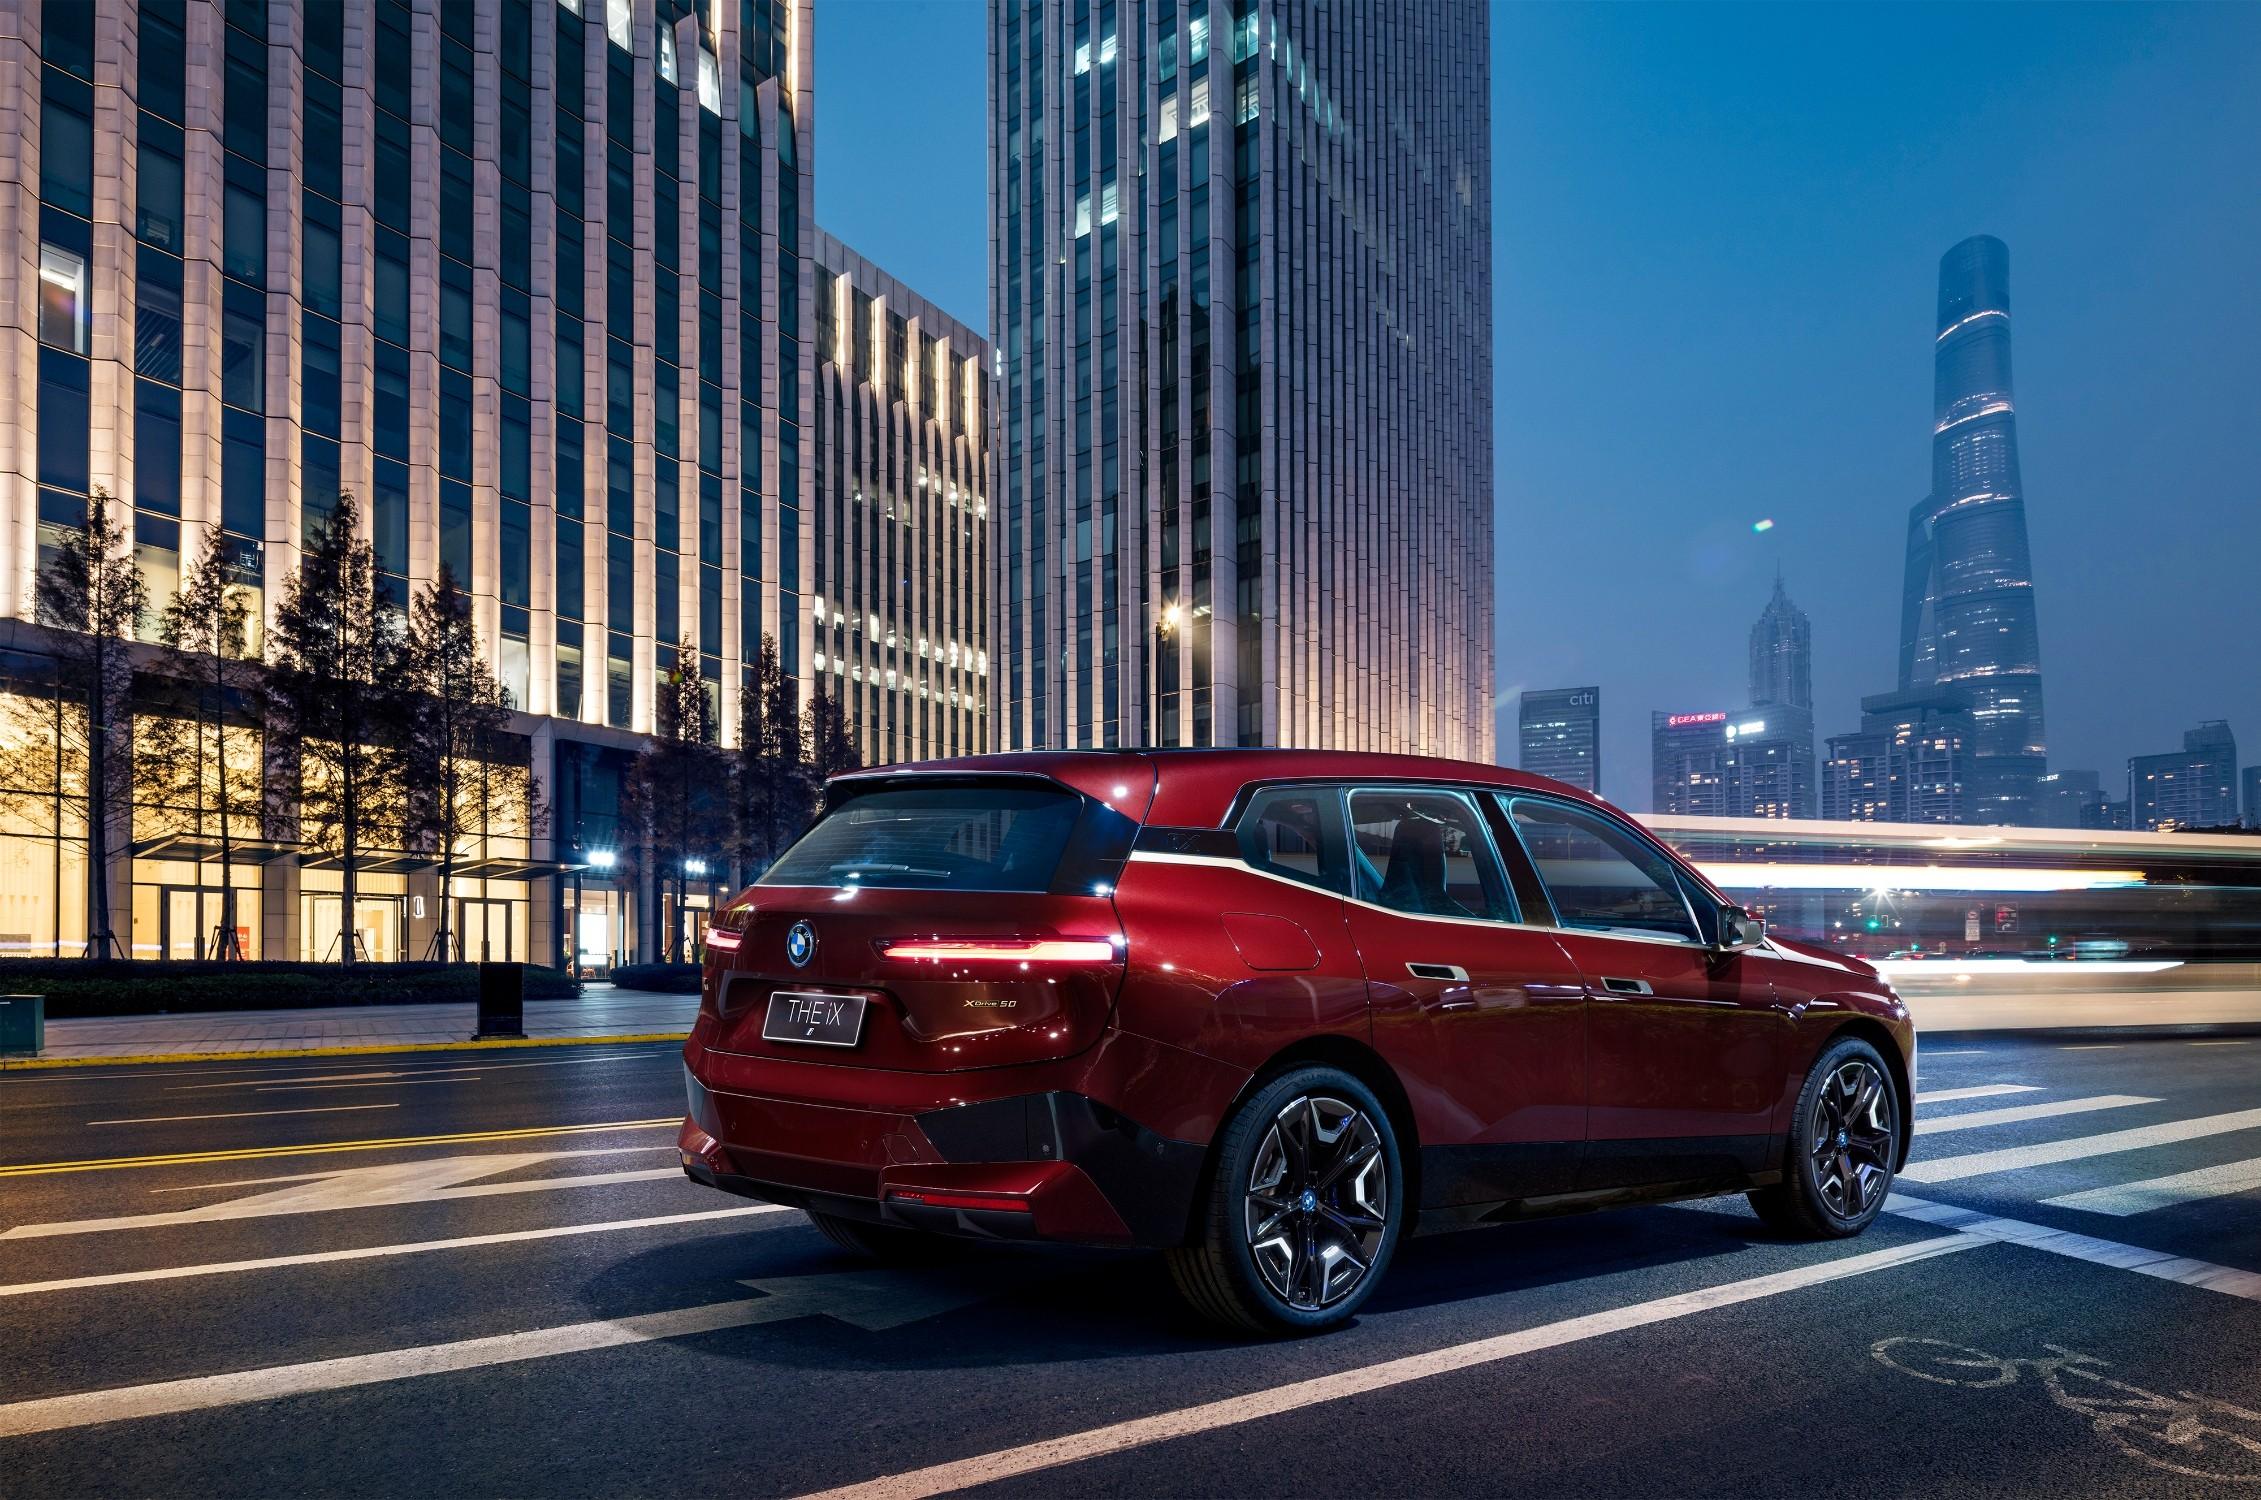 BMW iX xDrive50擁有超過500匹最大馬力輸出,0-100公里加速在5秒內就能完成,最高續航里程更能達到600公里,使用BMW i高速充電站只需要10分鐘即可迅速補充行駛120km所需要的電量。